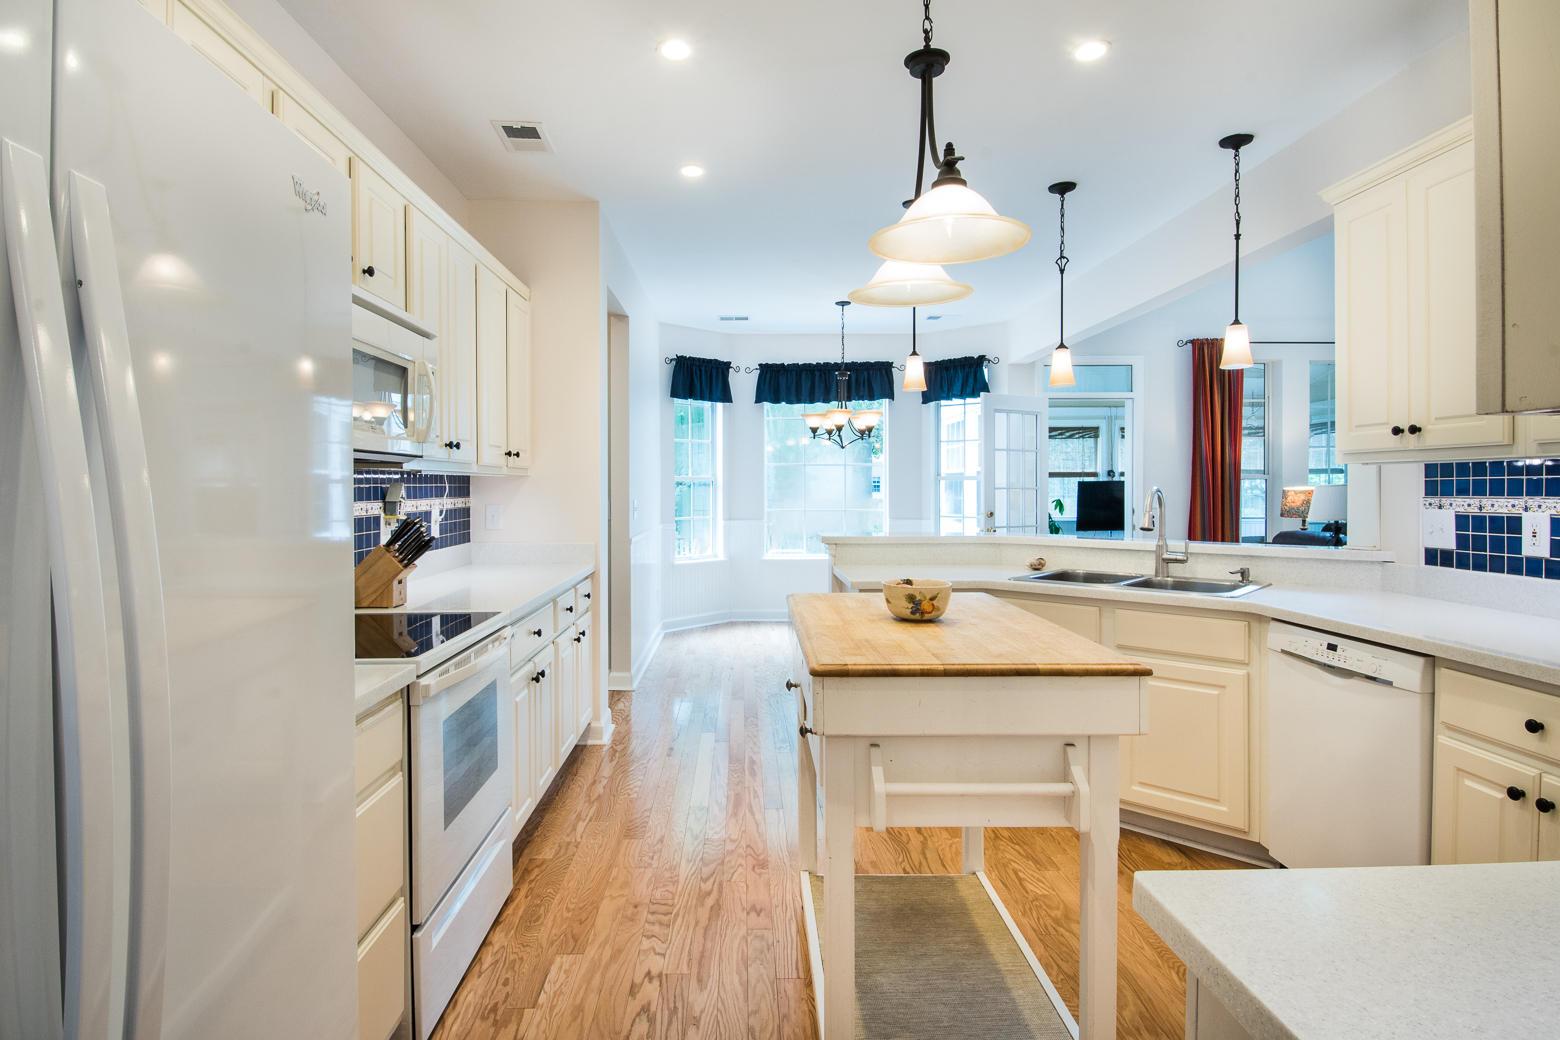 Dunes West Homes For Sale - 1111 Black Rush, Mount Pleasant, SC - 9